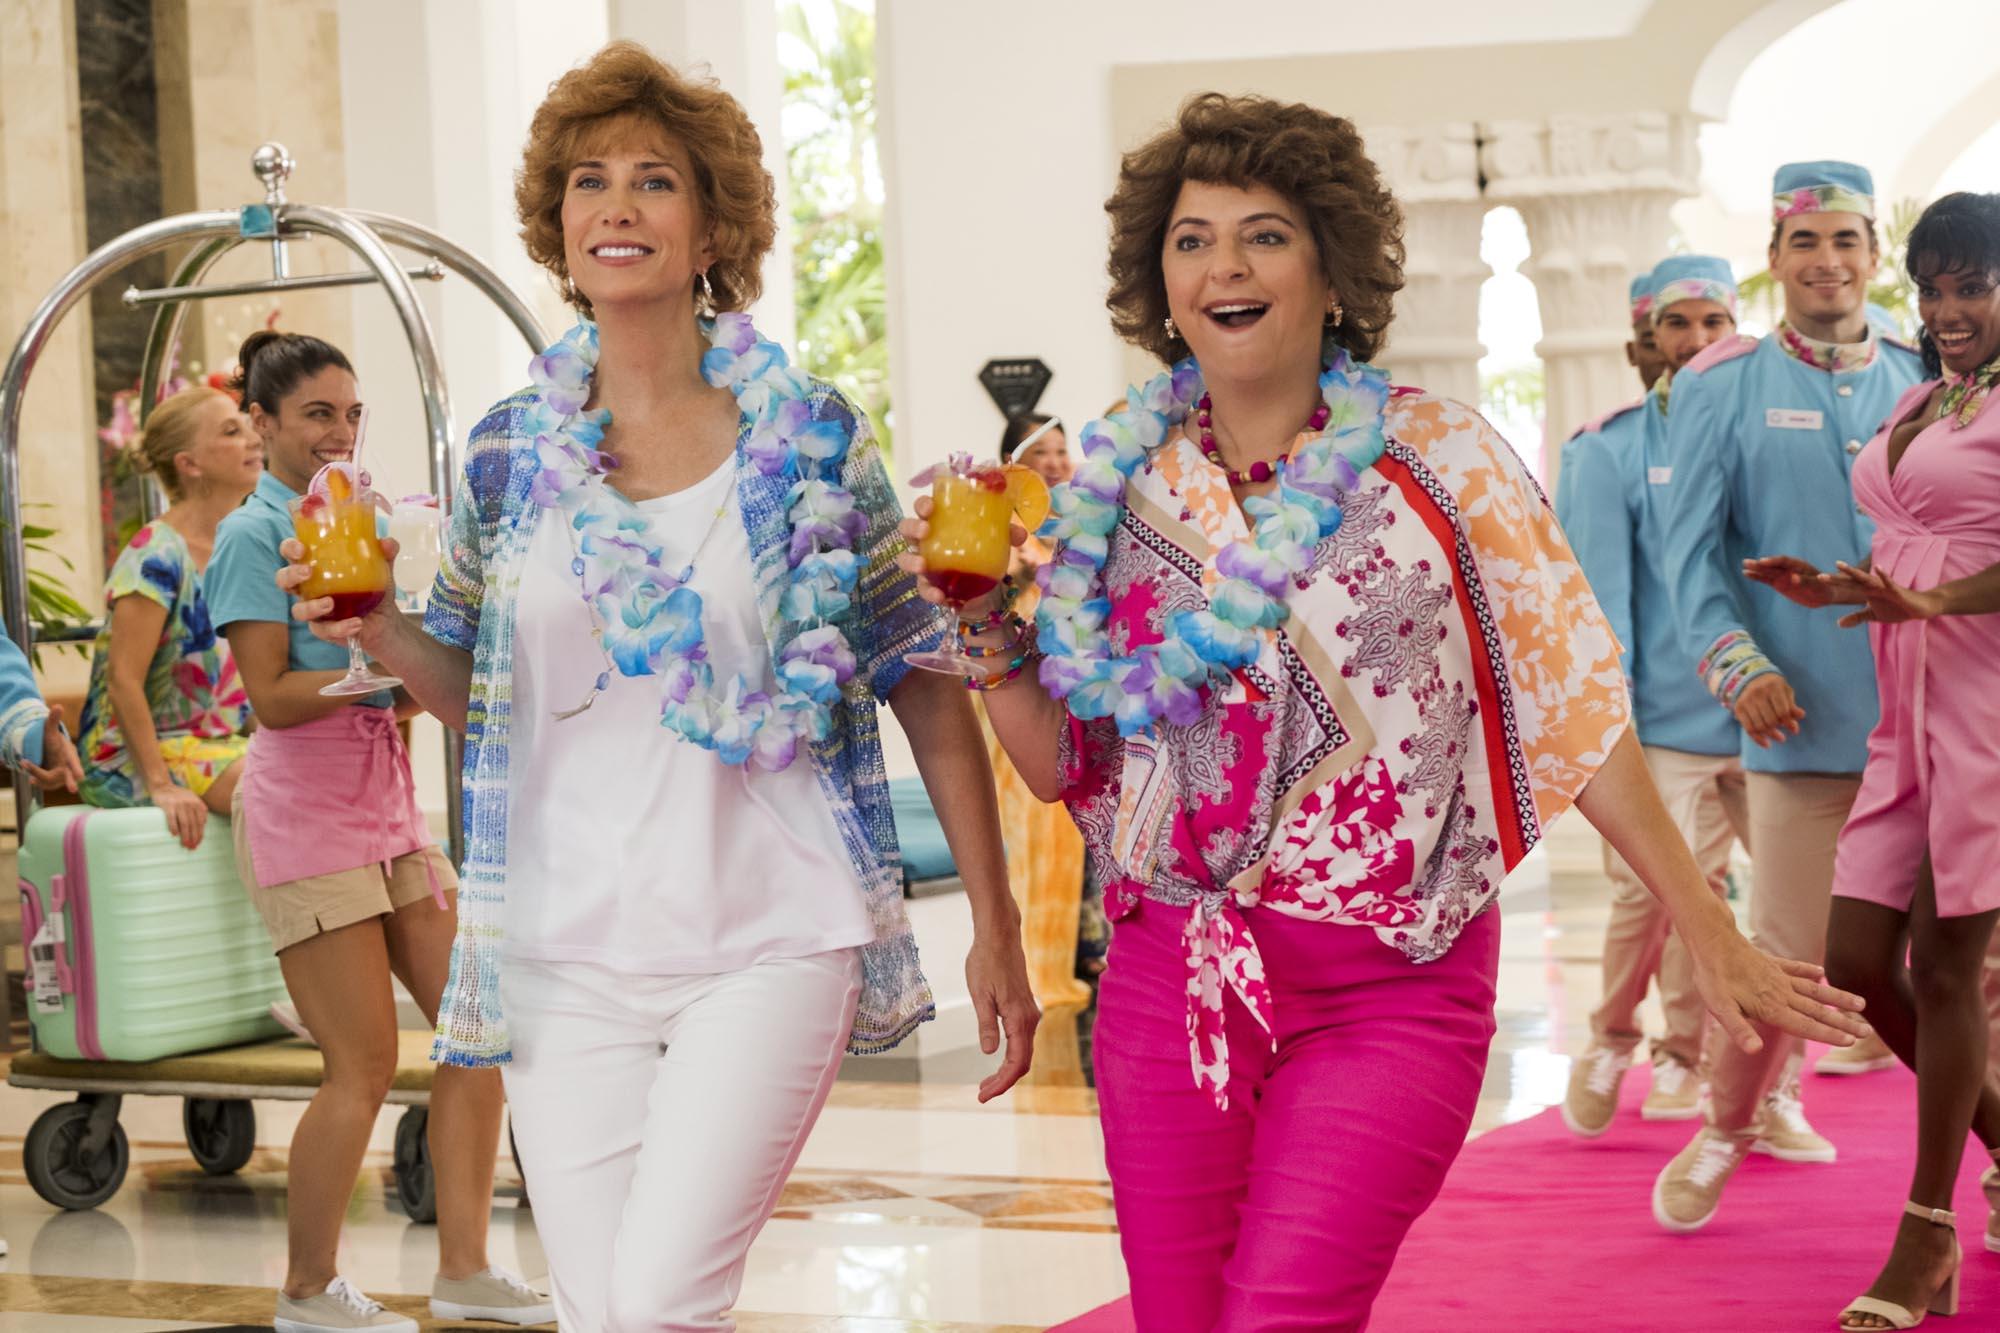 Barb and Star Go to Vista Del Mar.